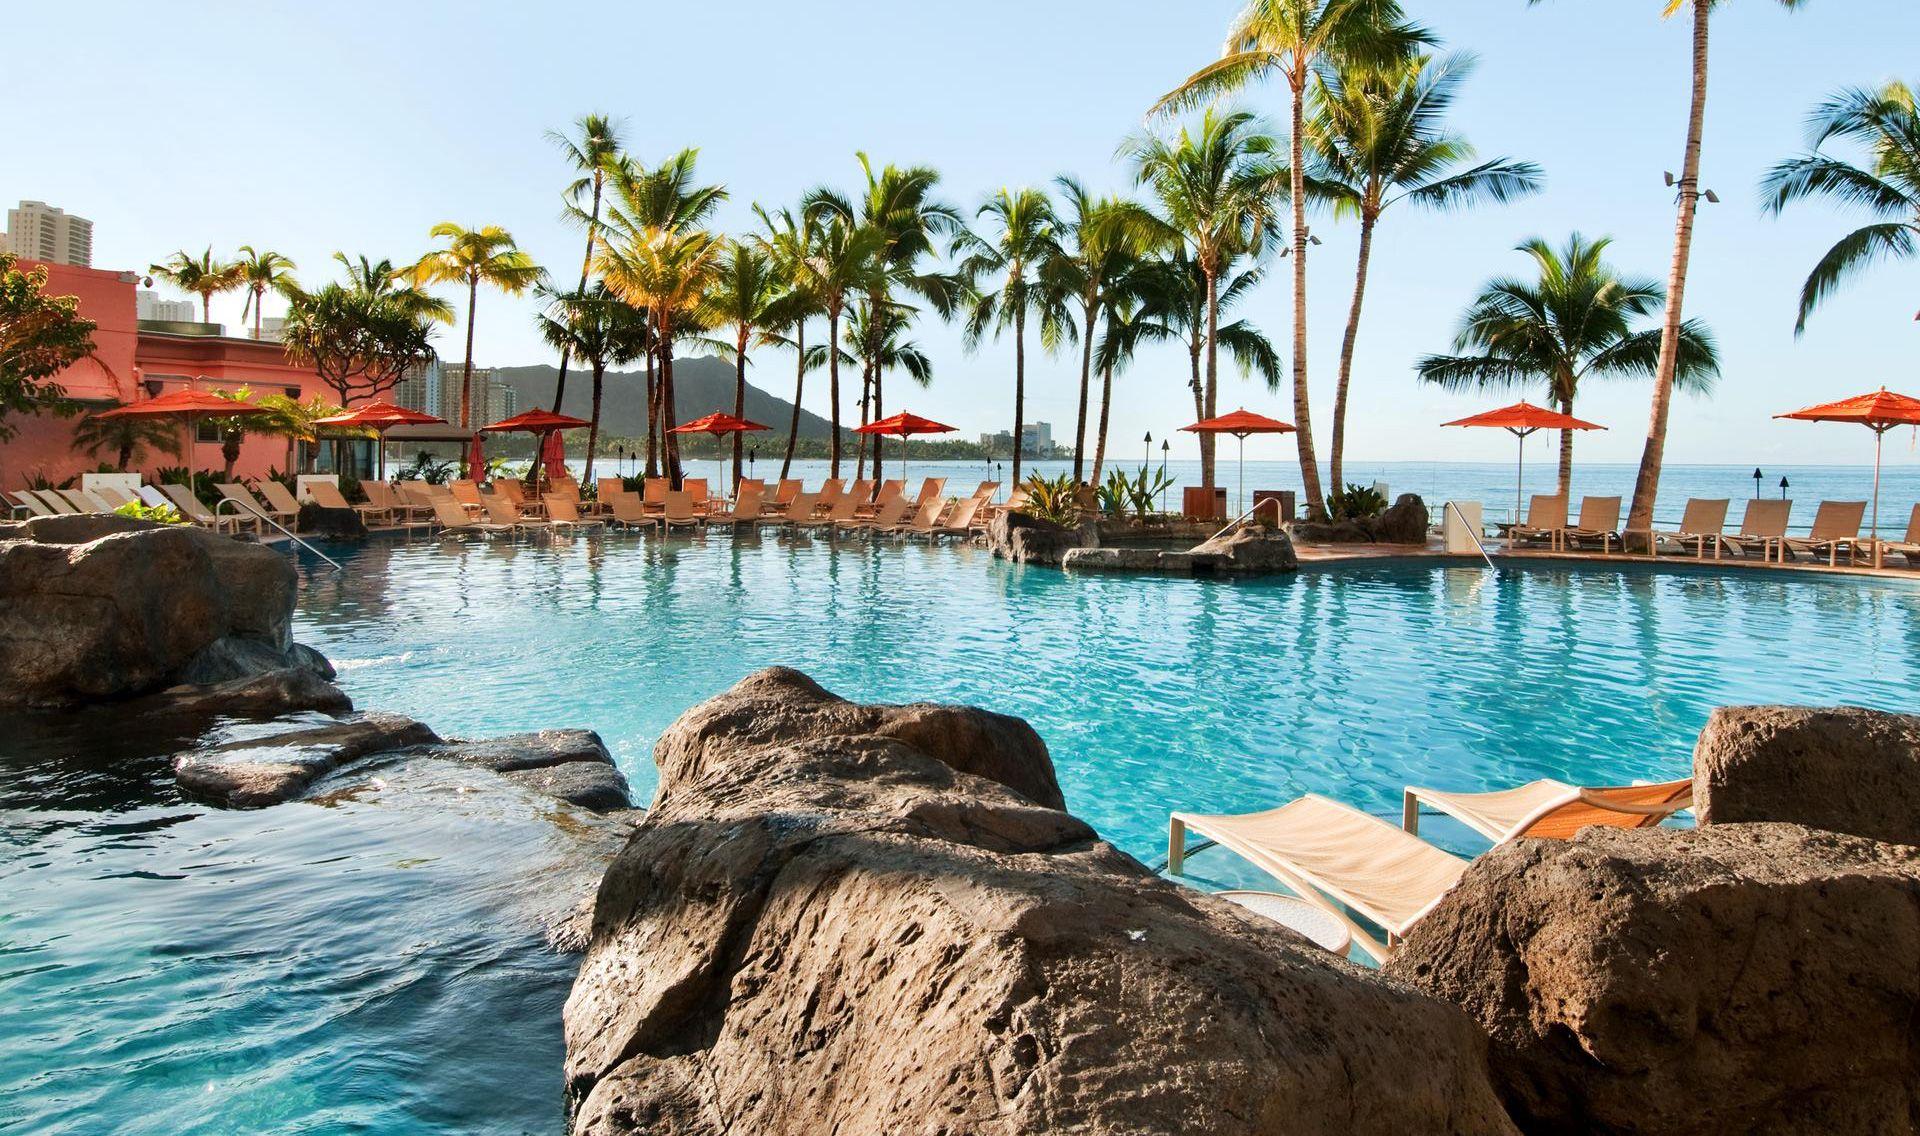 Waikiki Beach Hotels Sheraton Waikiki Hotel Honolulu